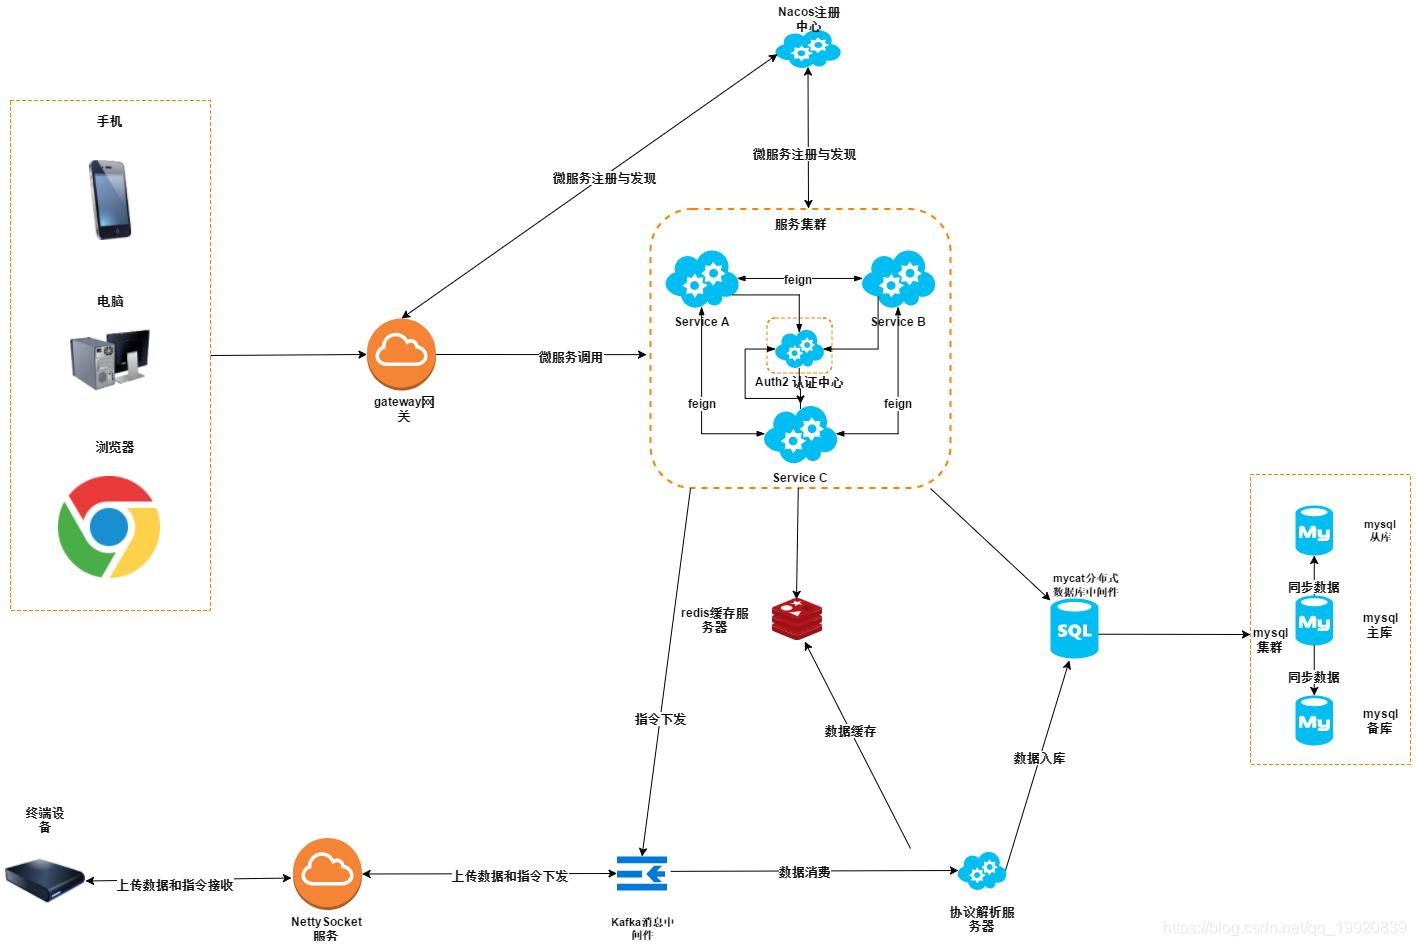 车联网系统架构图